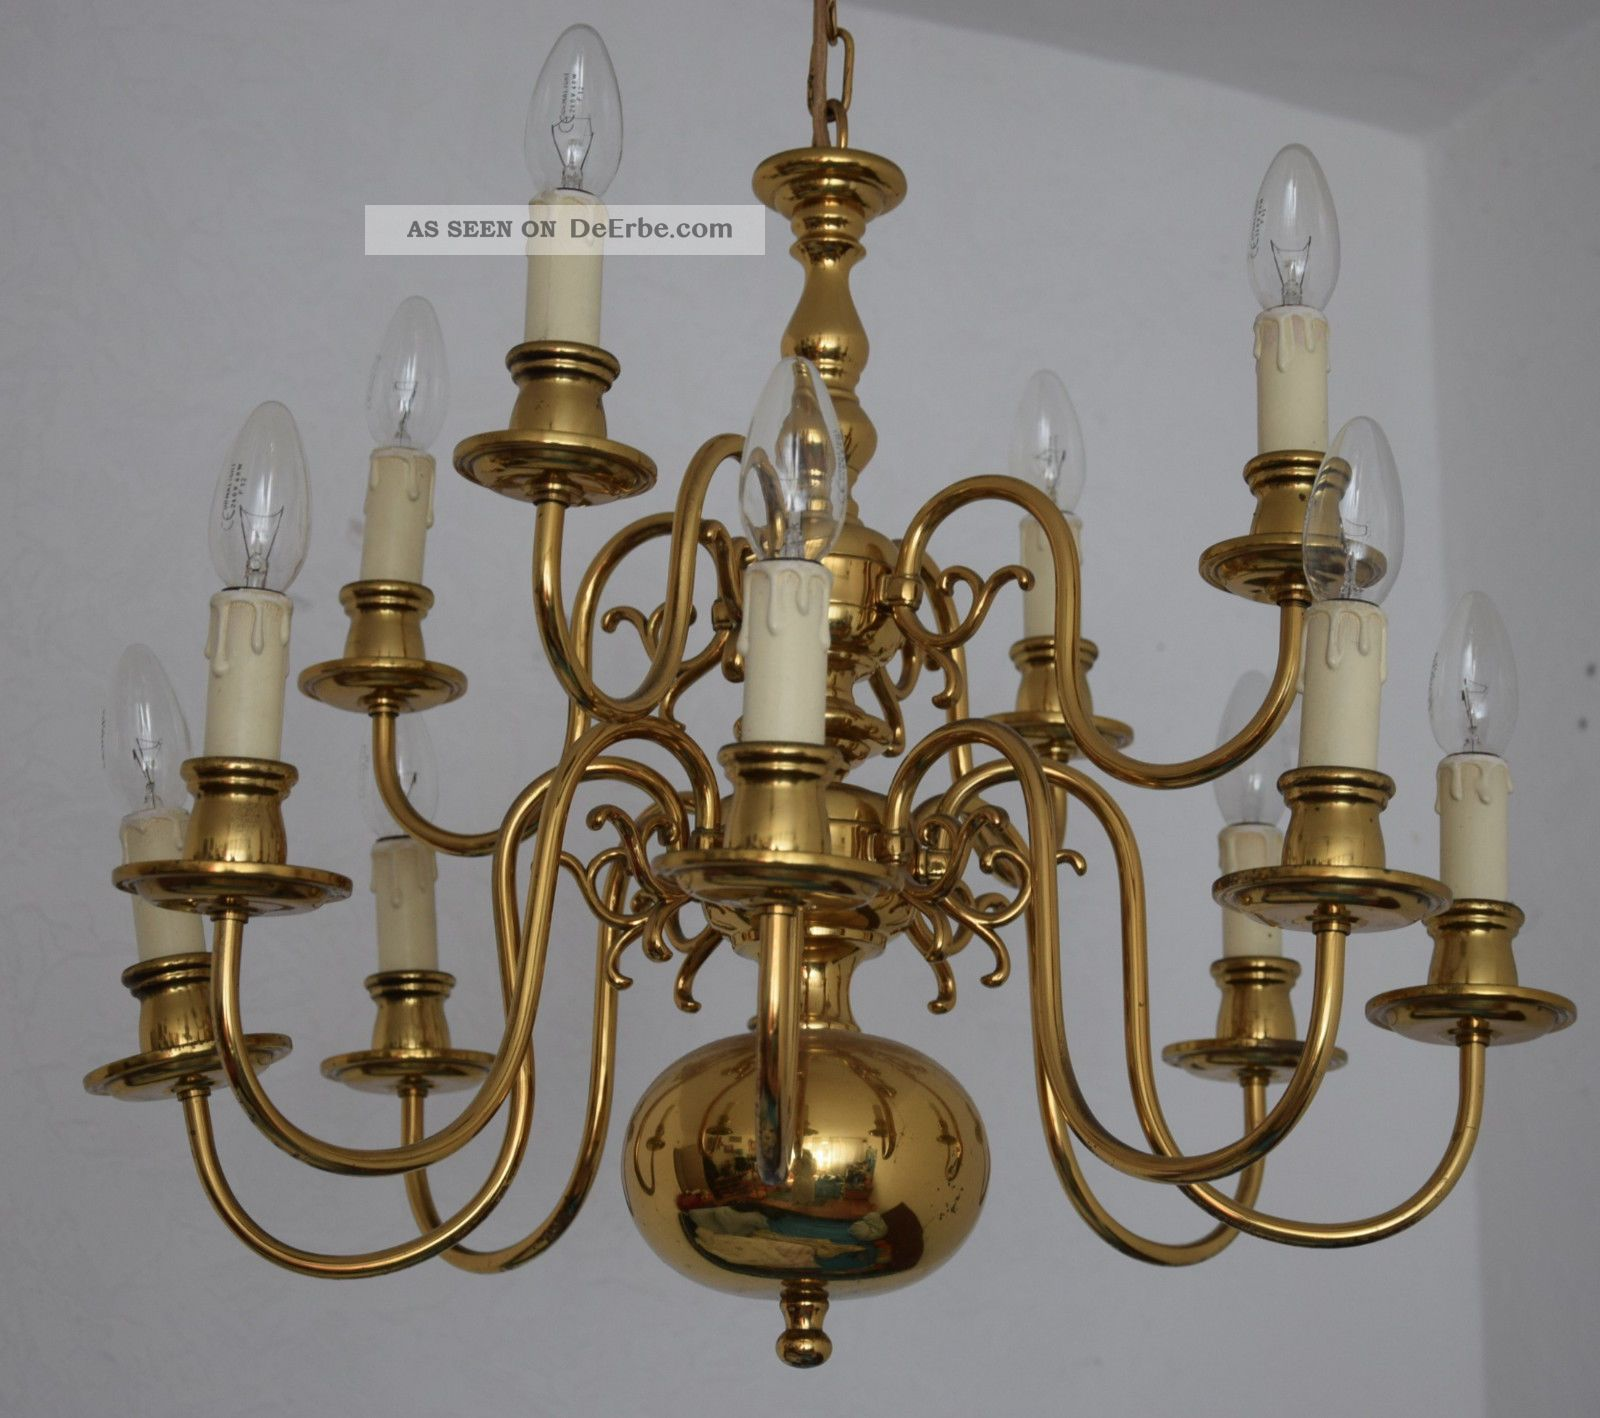 Deckenlampe Aus Holz Cool Messing Bronze Lampe Leuchter: Kronleuchter Antik Messing. Kronleuchter Messing Antik